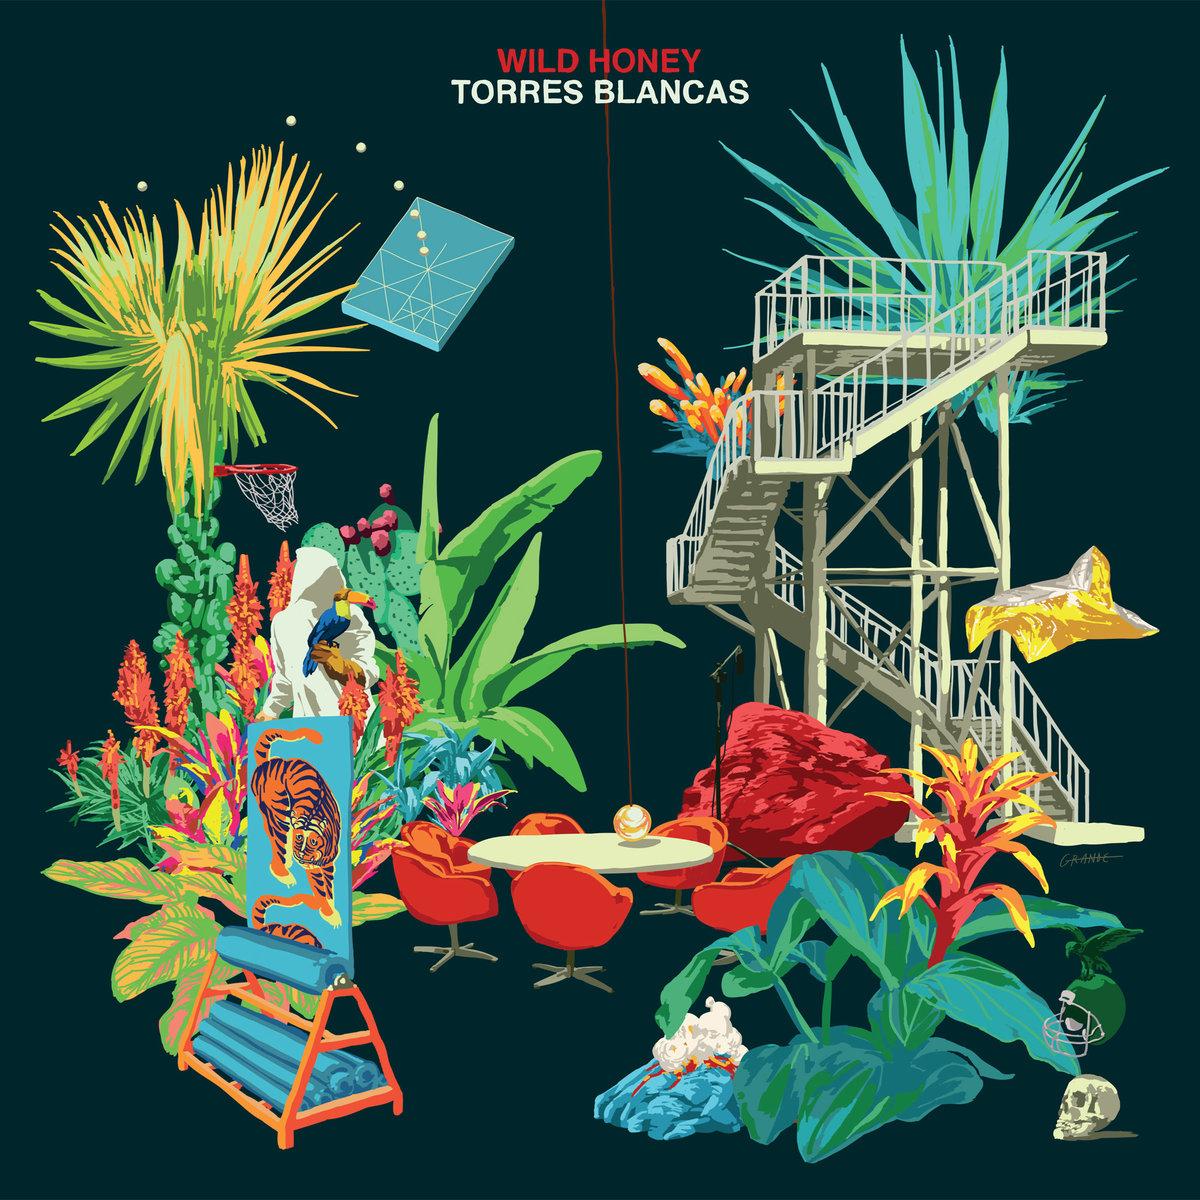 portada del album Torres Blancas